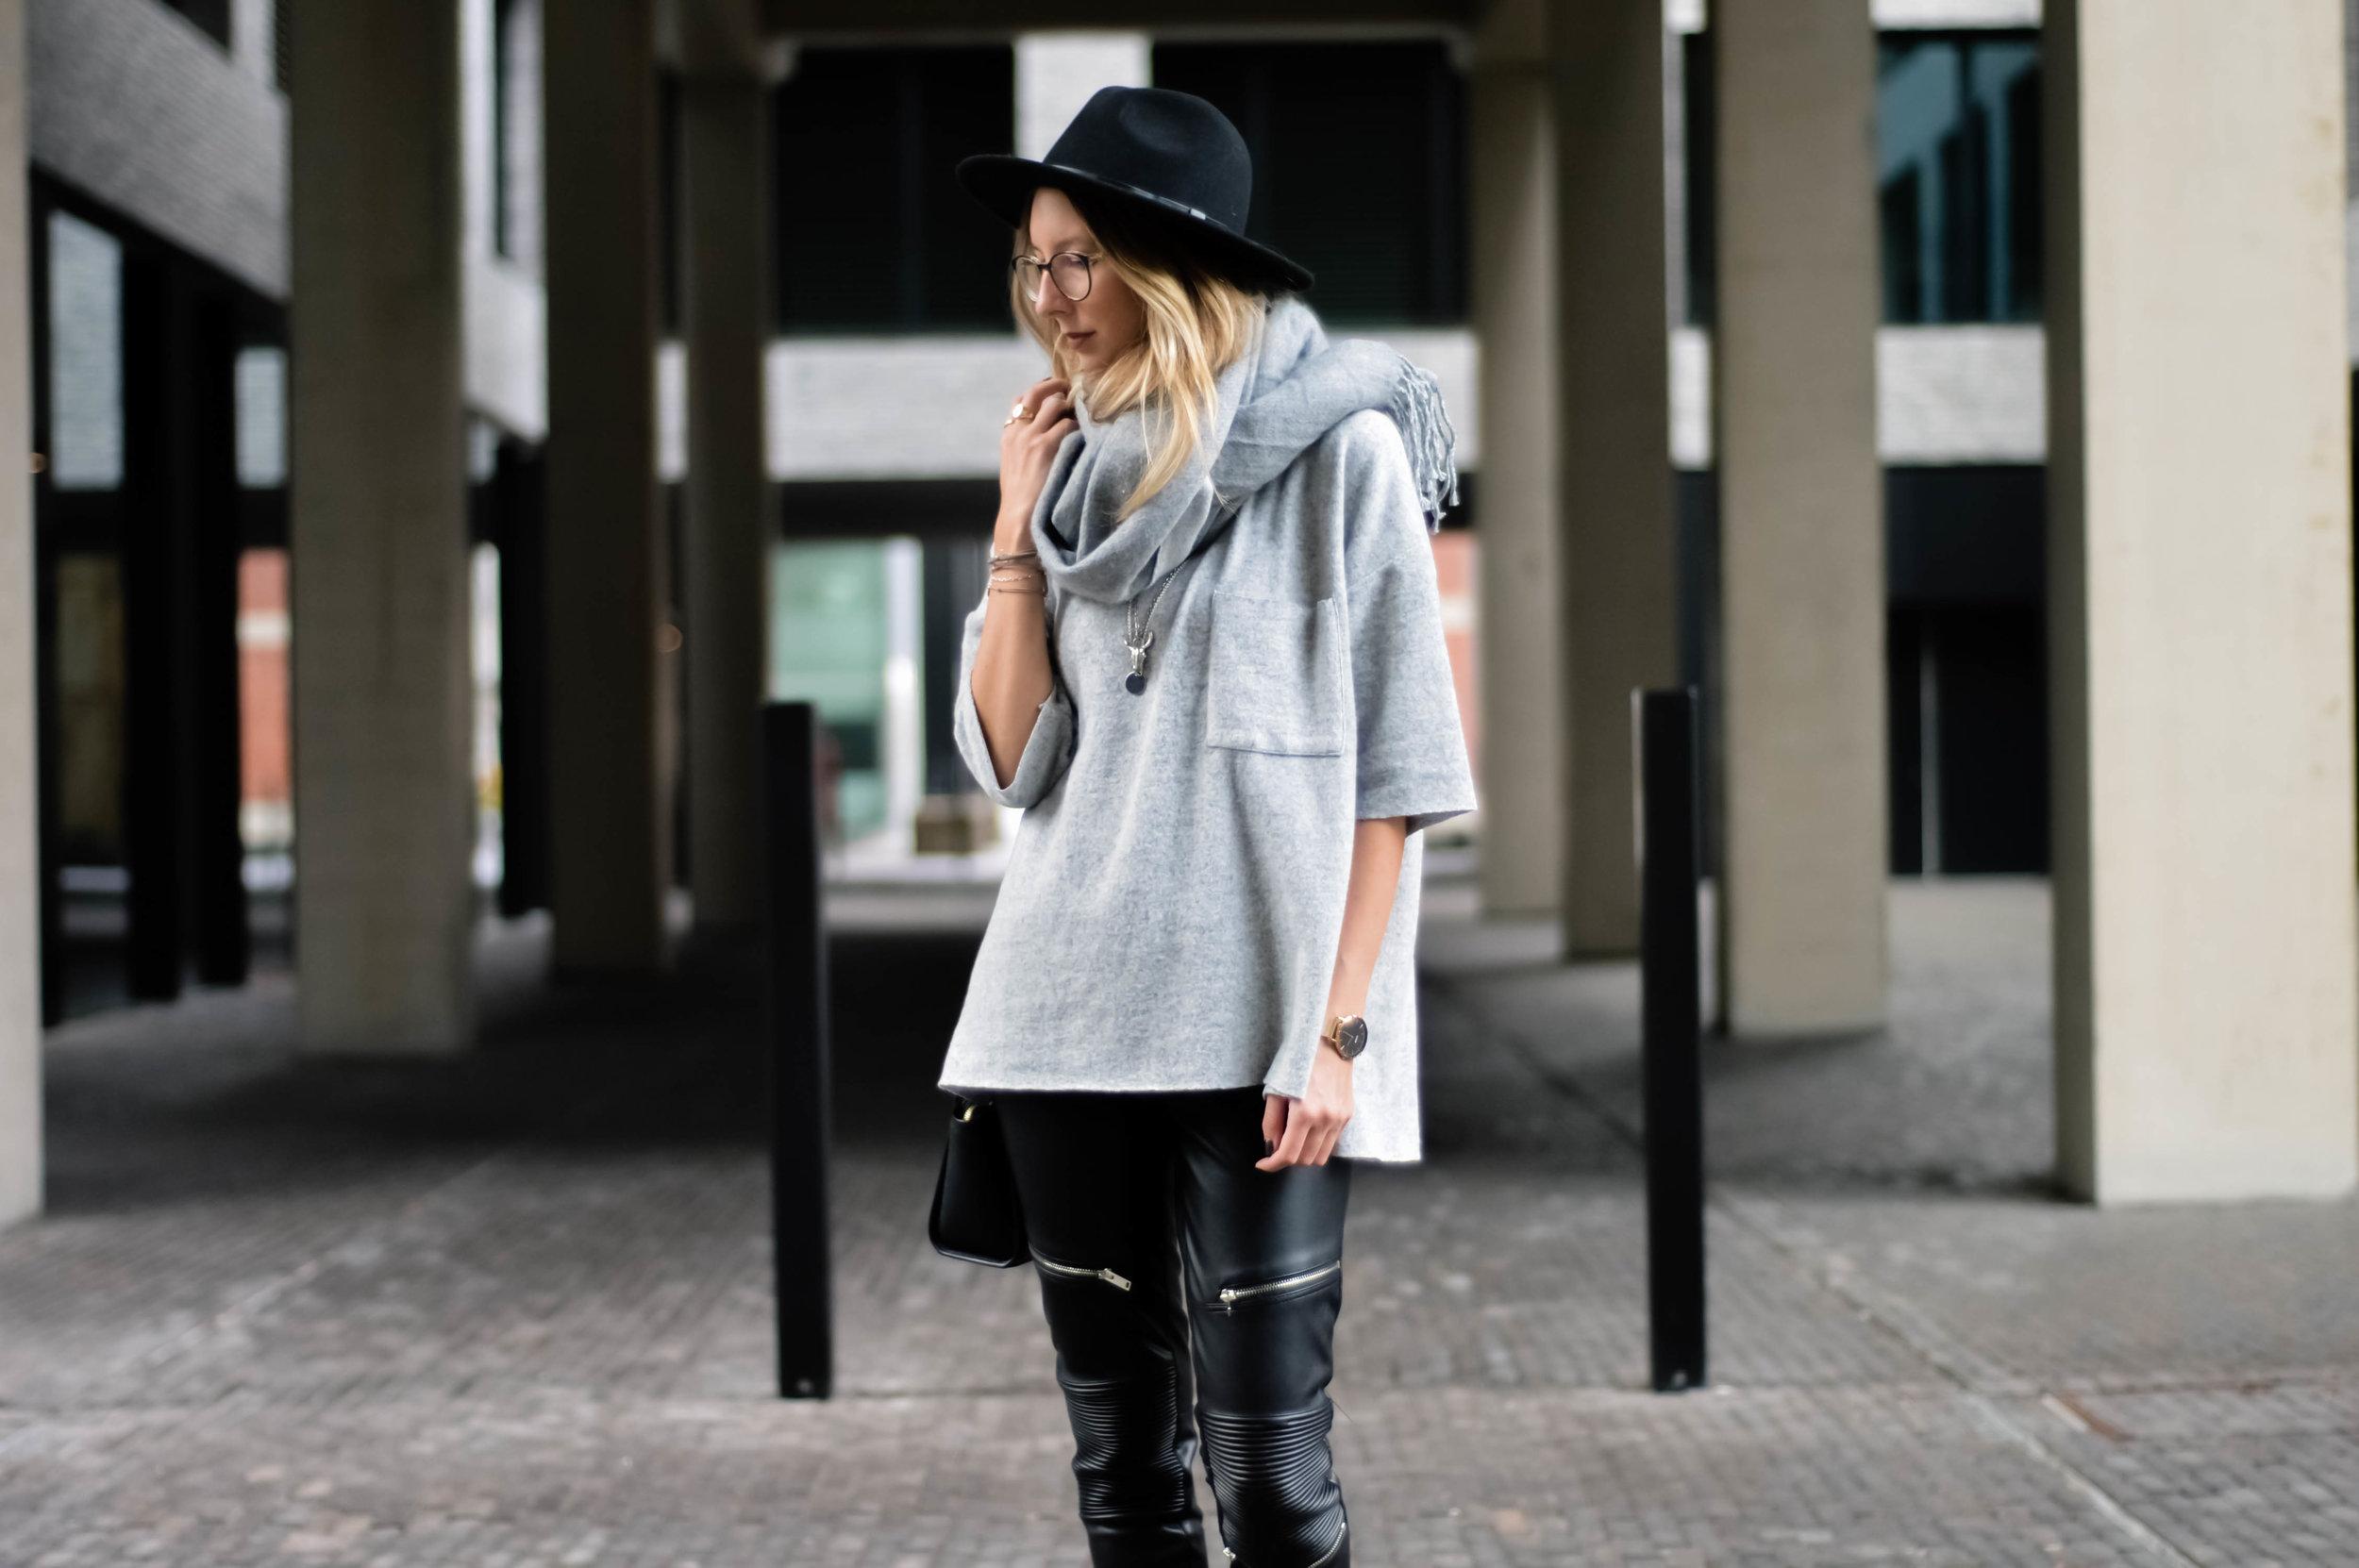 Weekend Style - OSIARAH.COM (5 of 12).jpg